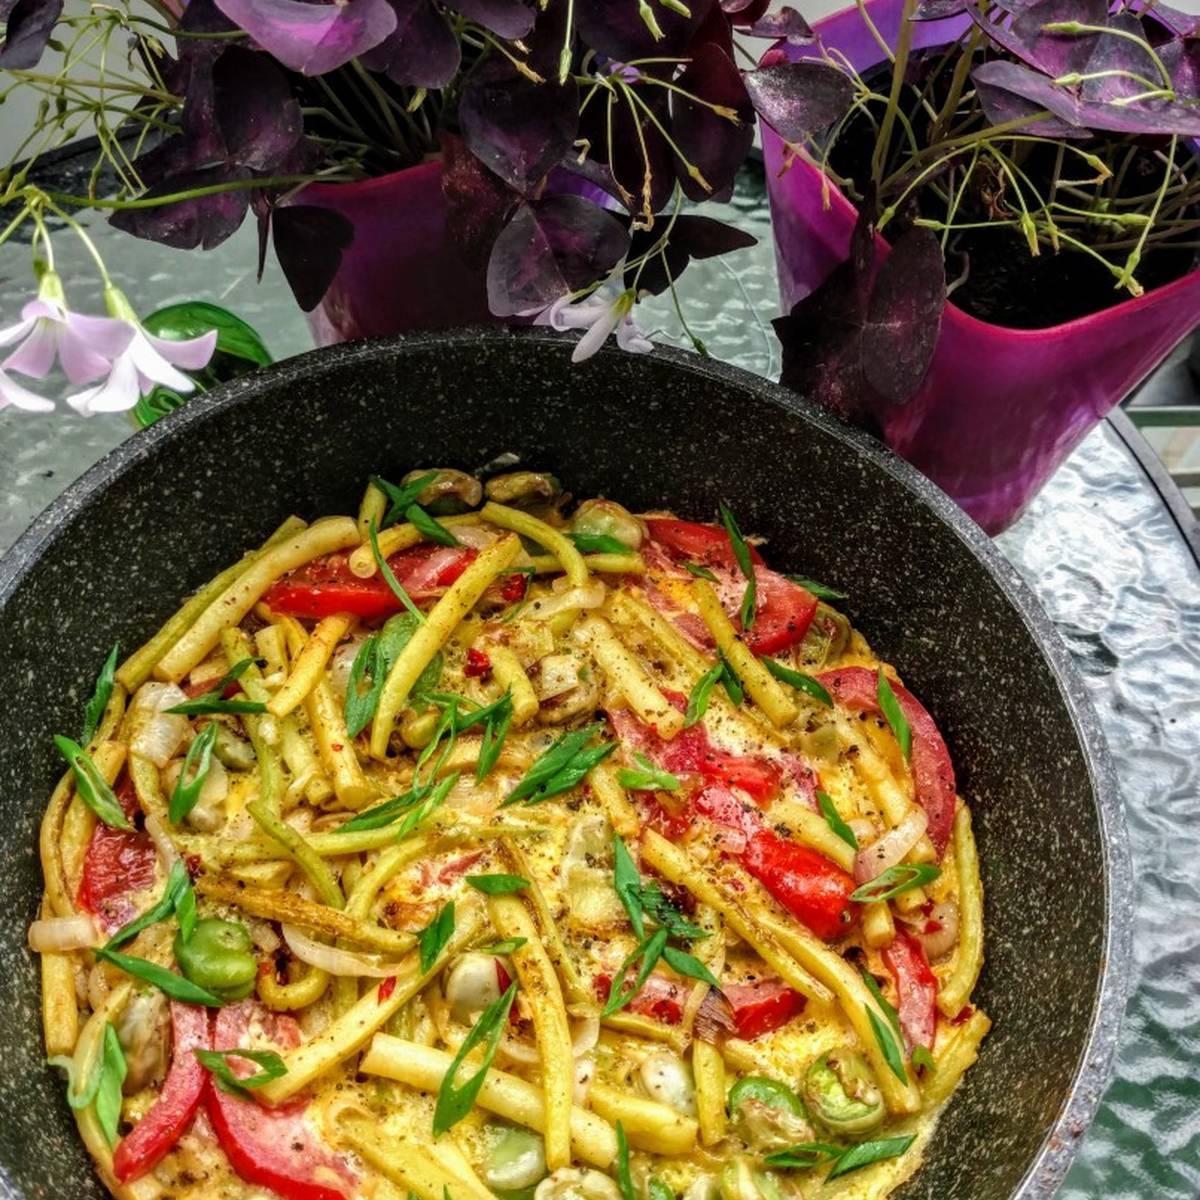 Рецепты приготовления замороженной стручковой фасоли: салат из спаржи, фасоль с мясом, тушенная с помидорами